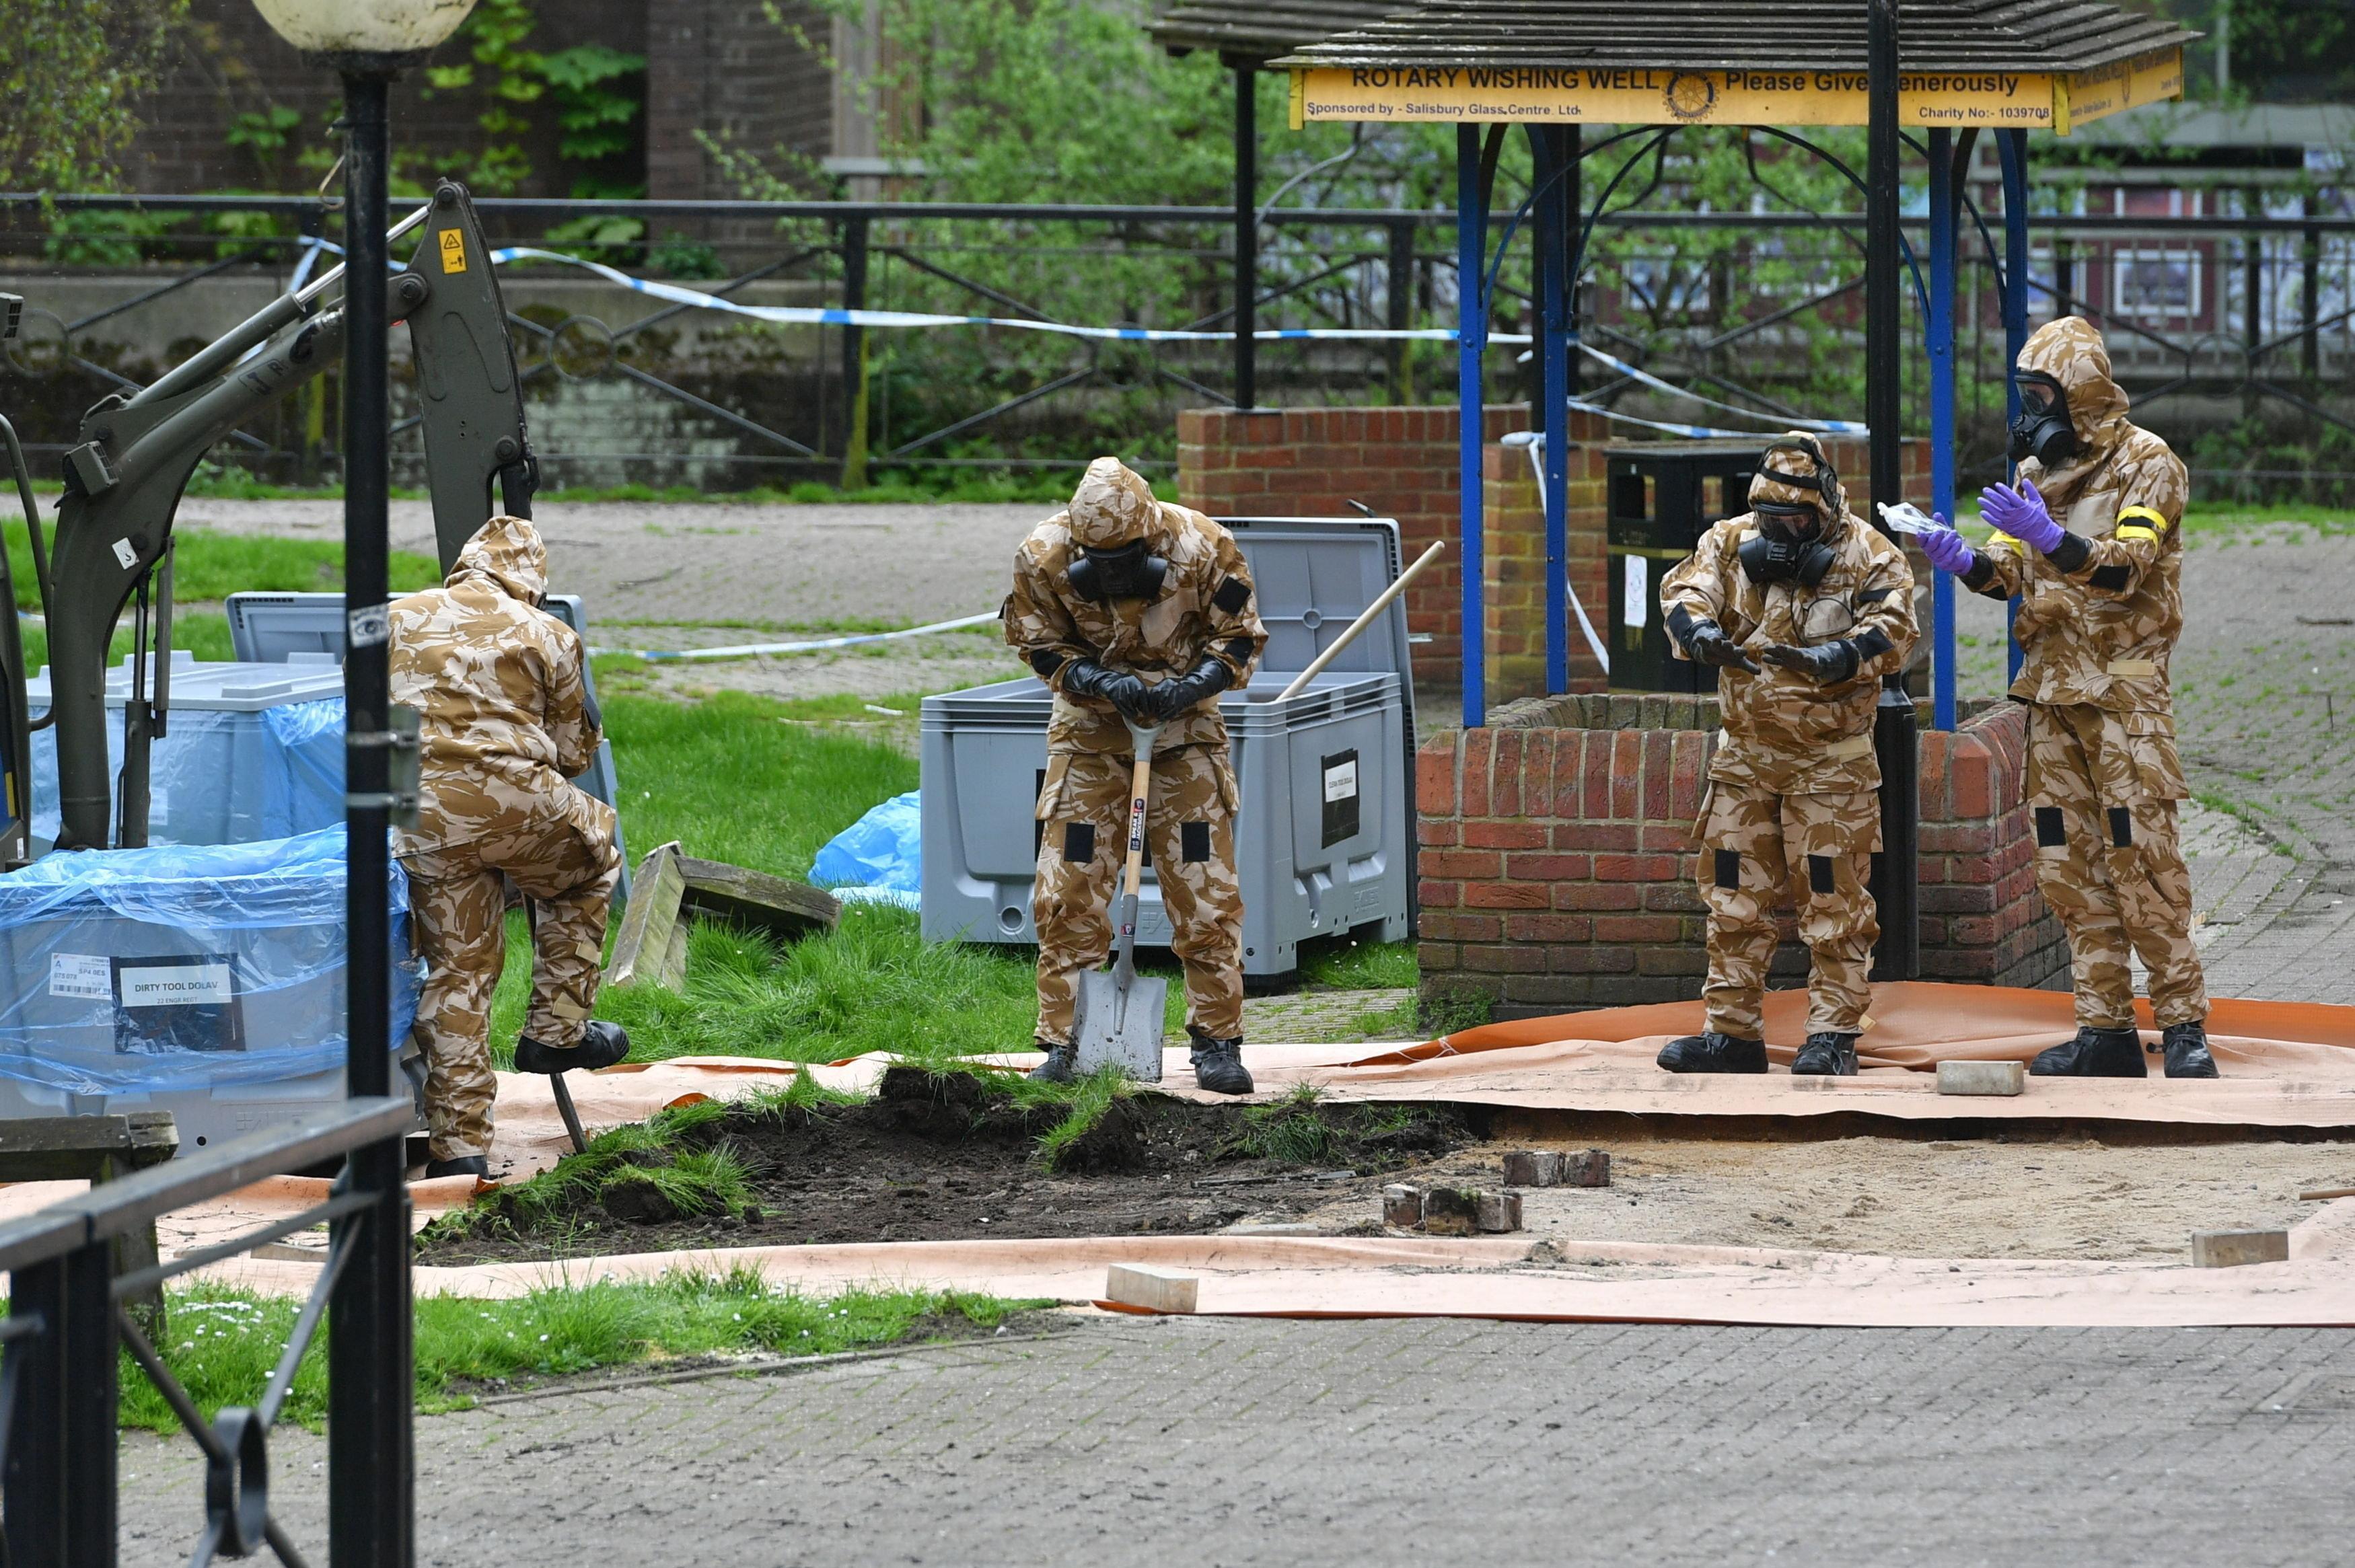 Especialistas militares britânicos operam em área próxima da qual Sergei e Yulia Skripal foram encontrados inconscientes, em Salisbury, Inglaterra